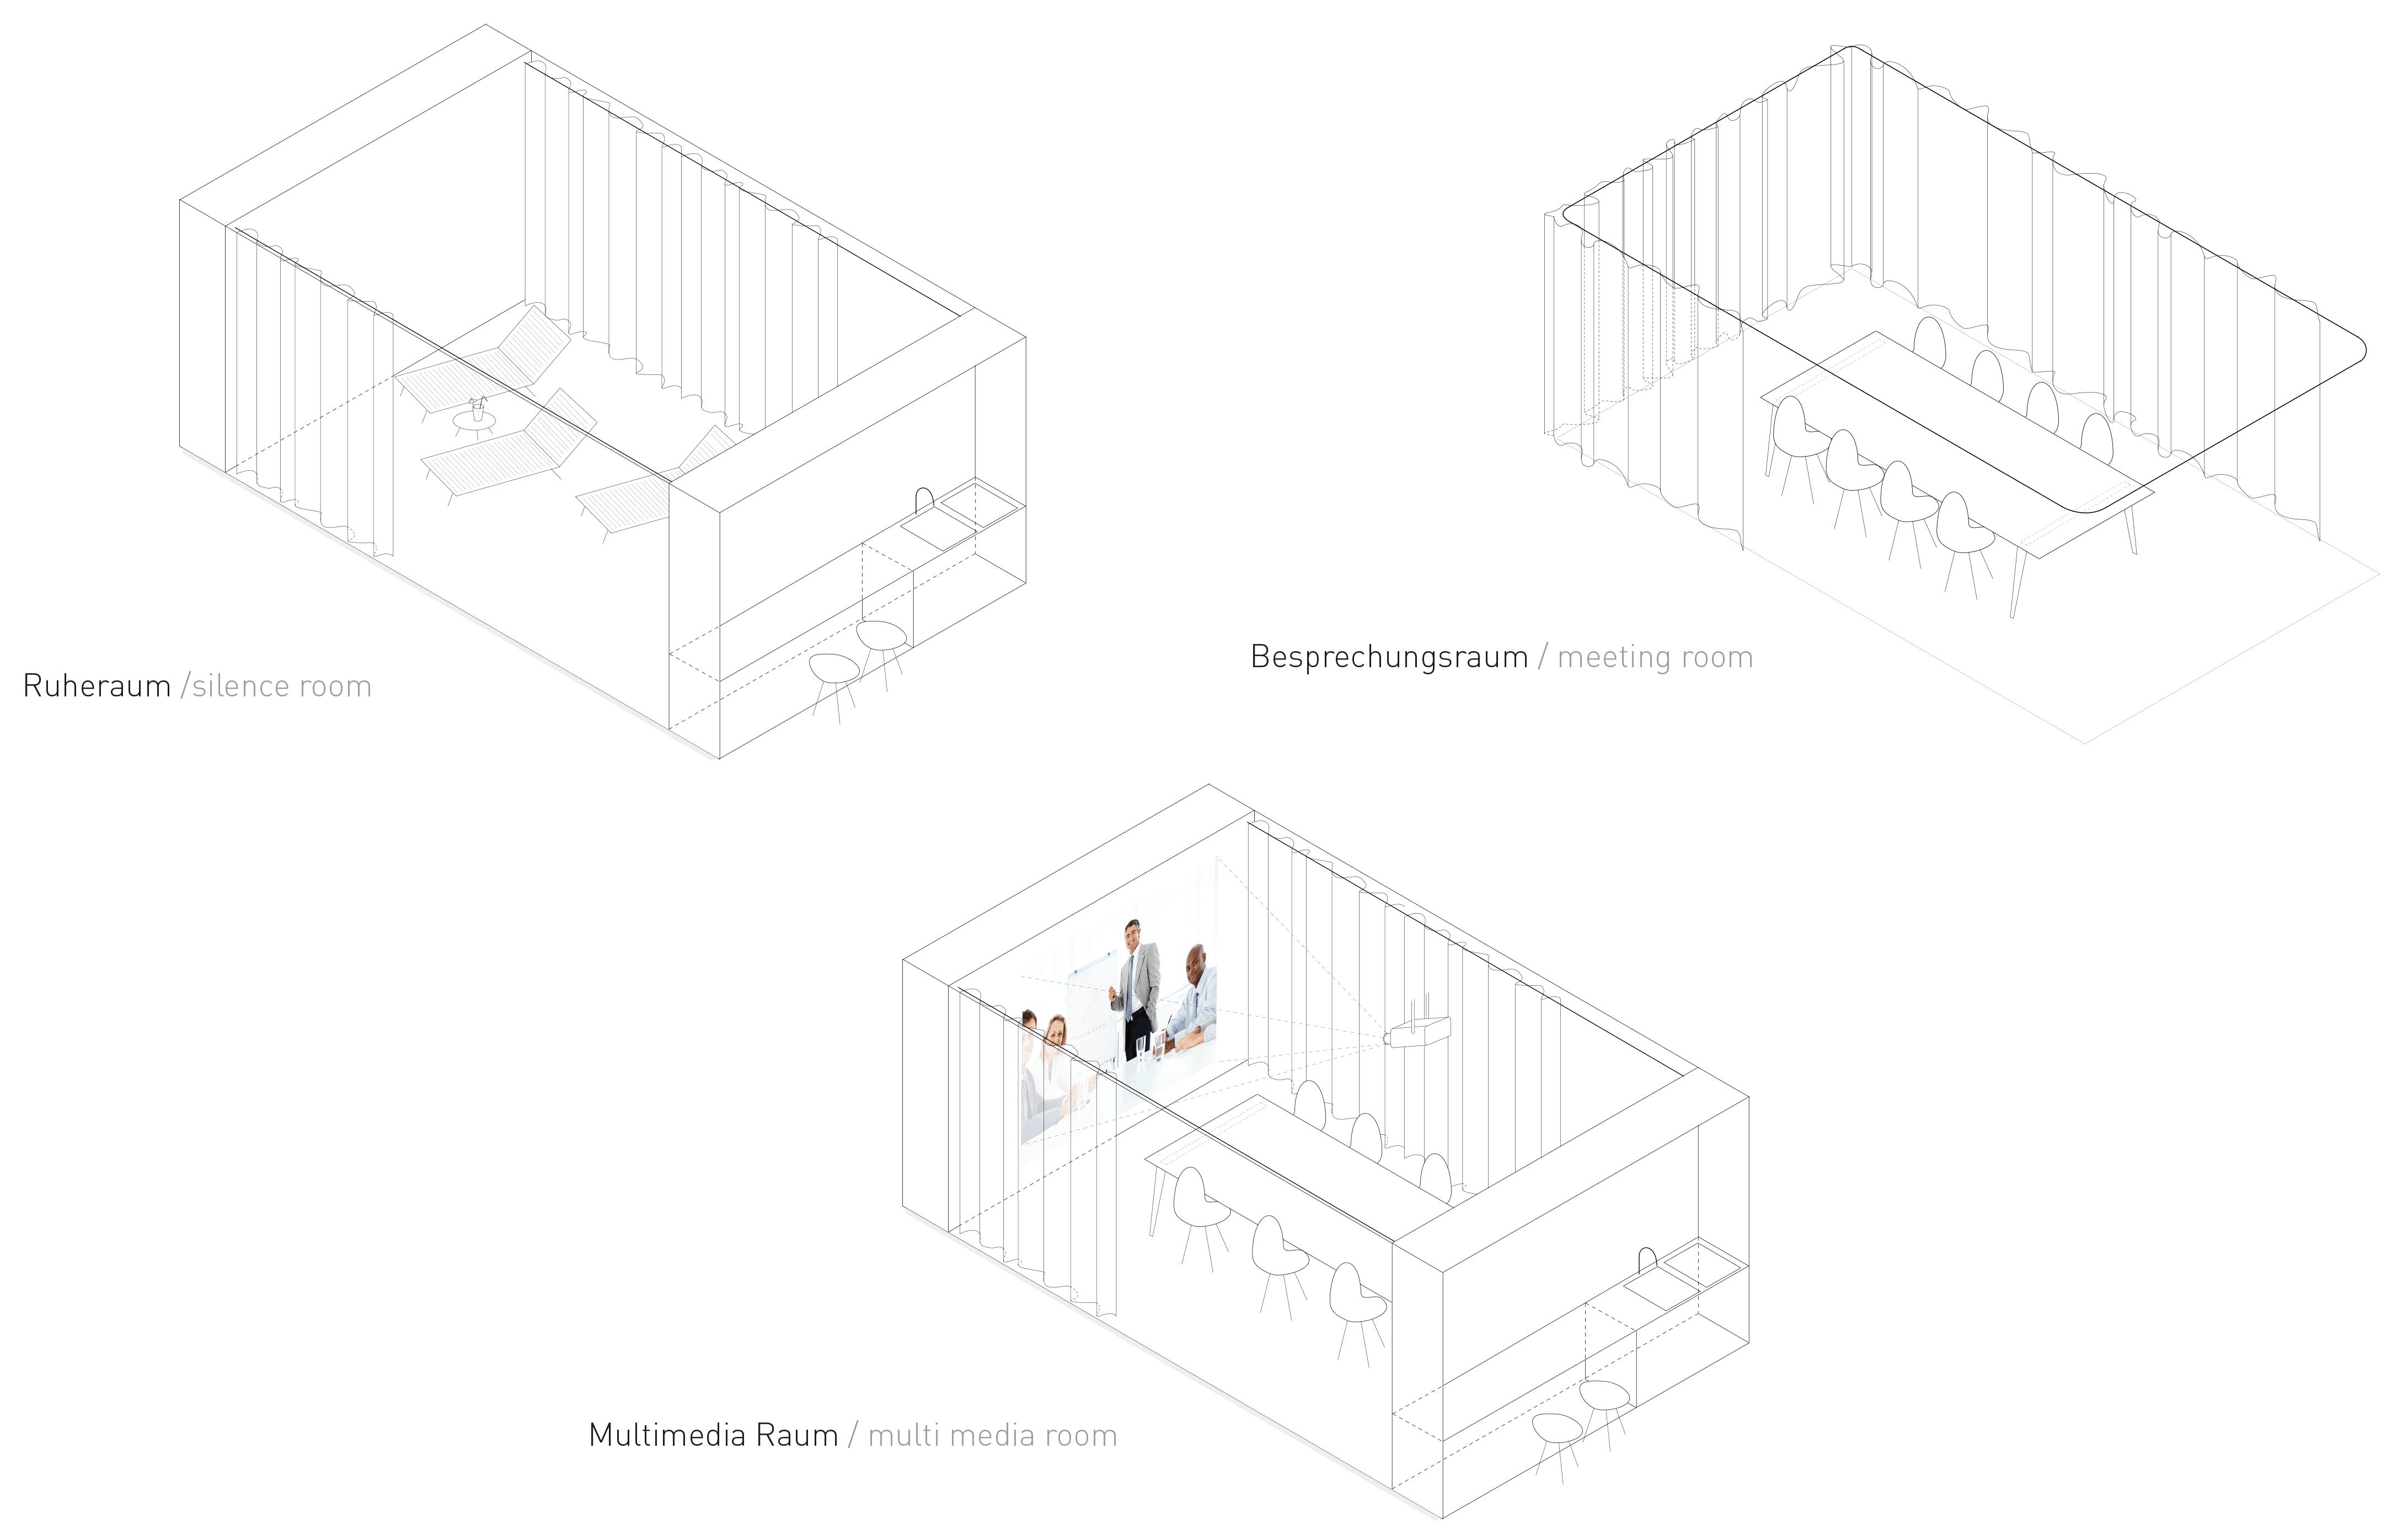 GE_kopfbau_design_print-23